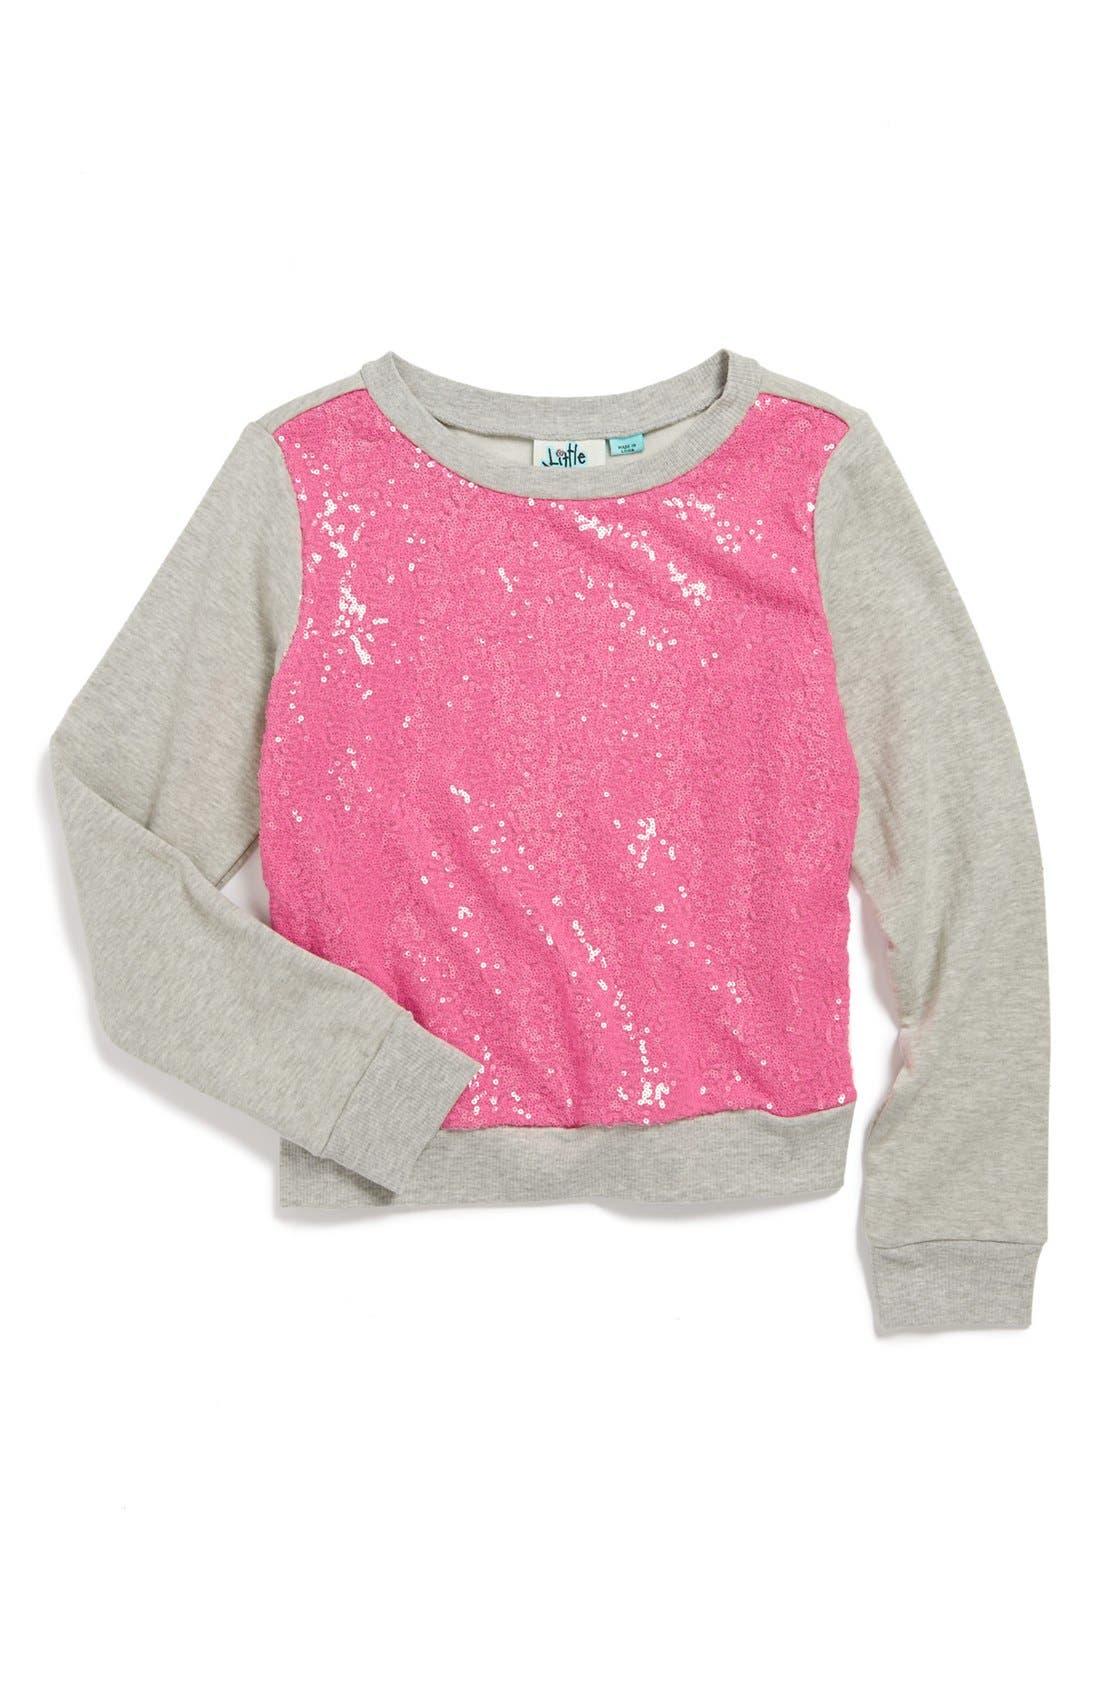 Alternate Image 1 Selected - Miken Clothing Sequin Sweatshirt (Big Girls)